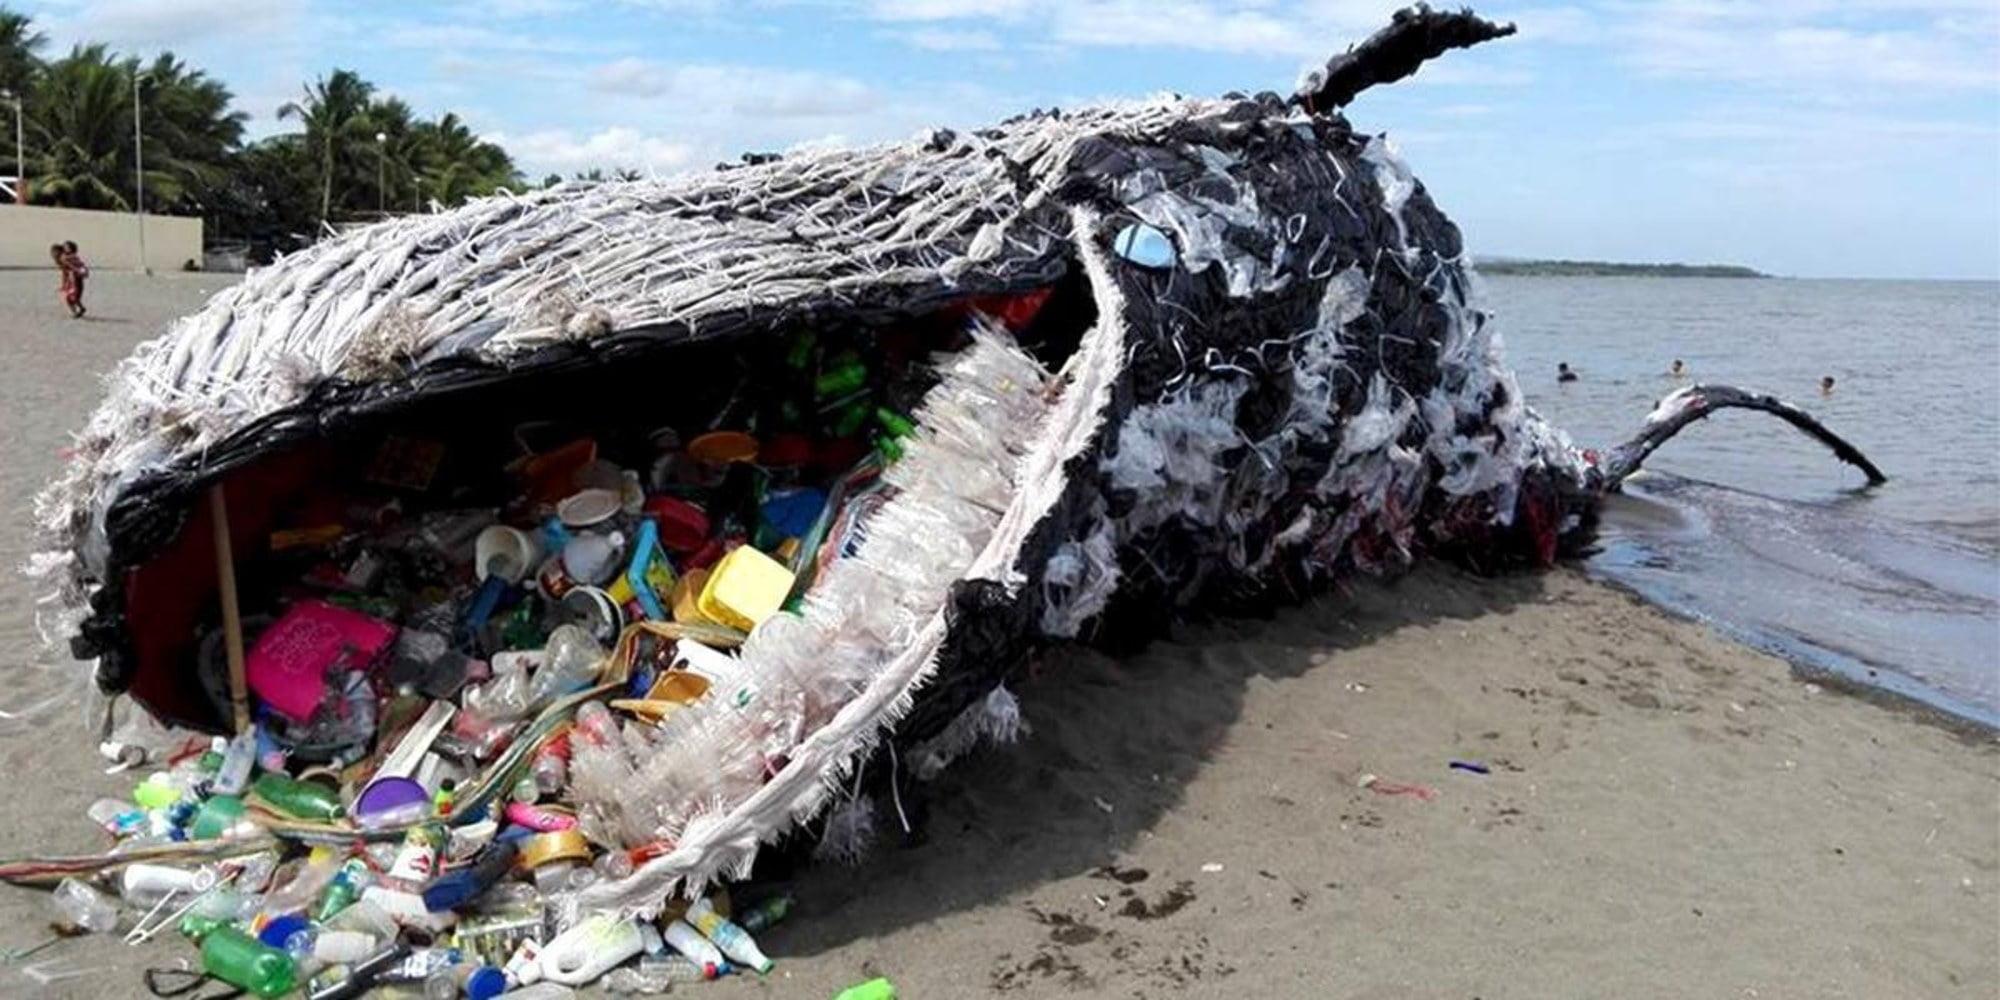 Risultati immagini per greenpeace installazione artistica balena plastica